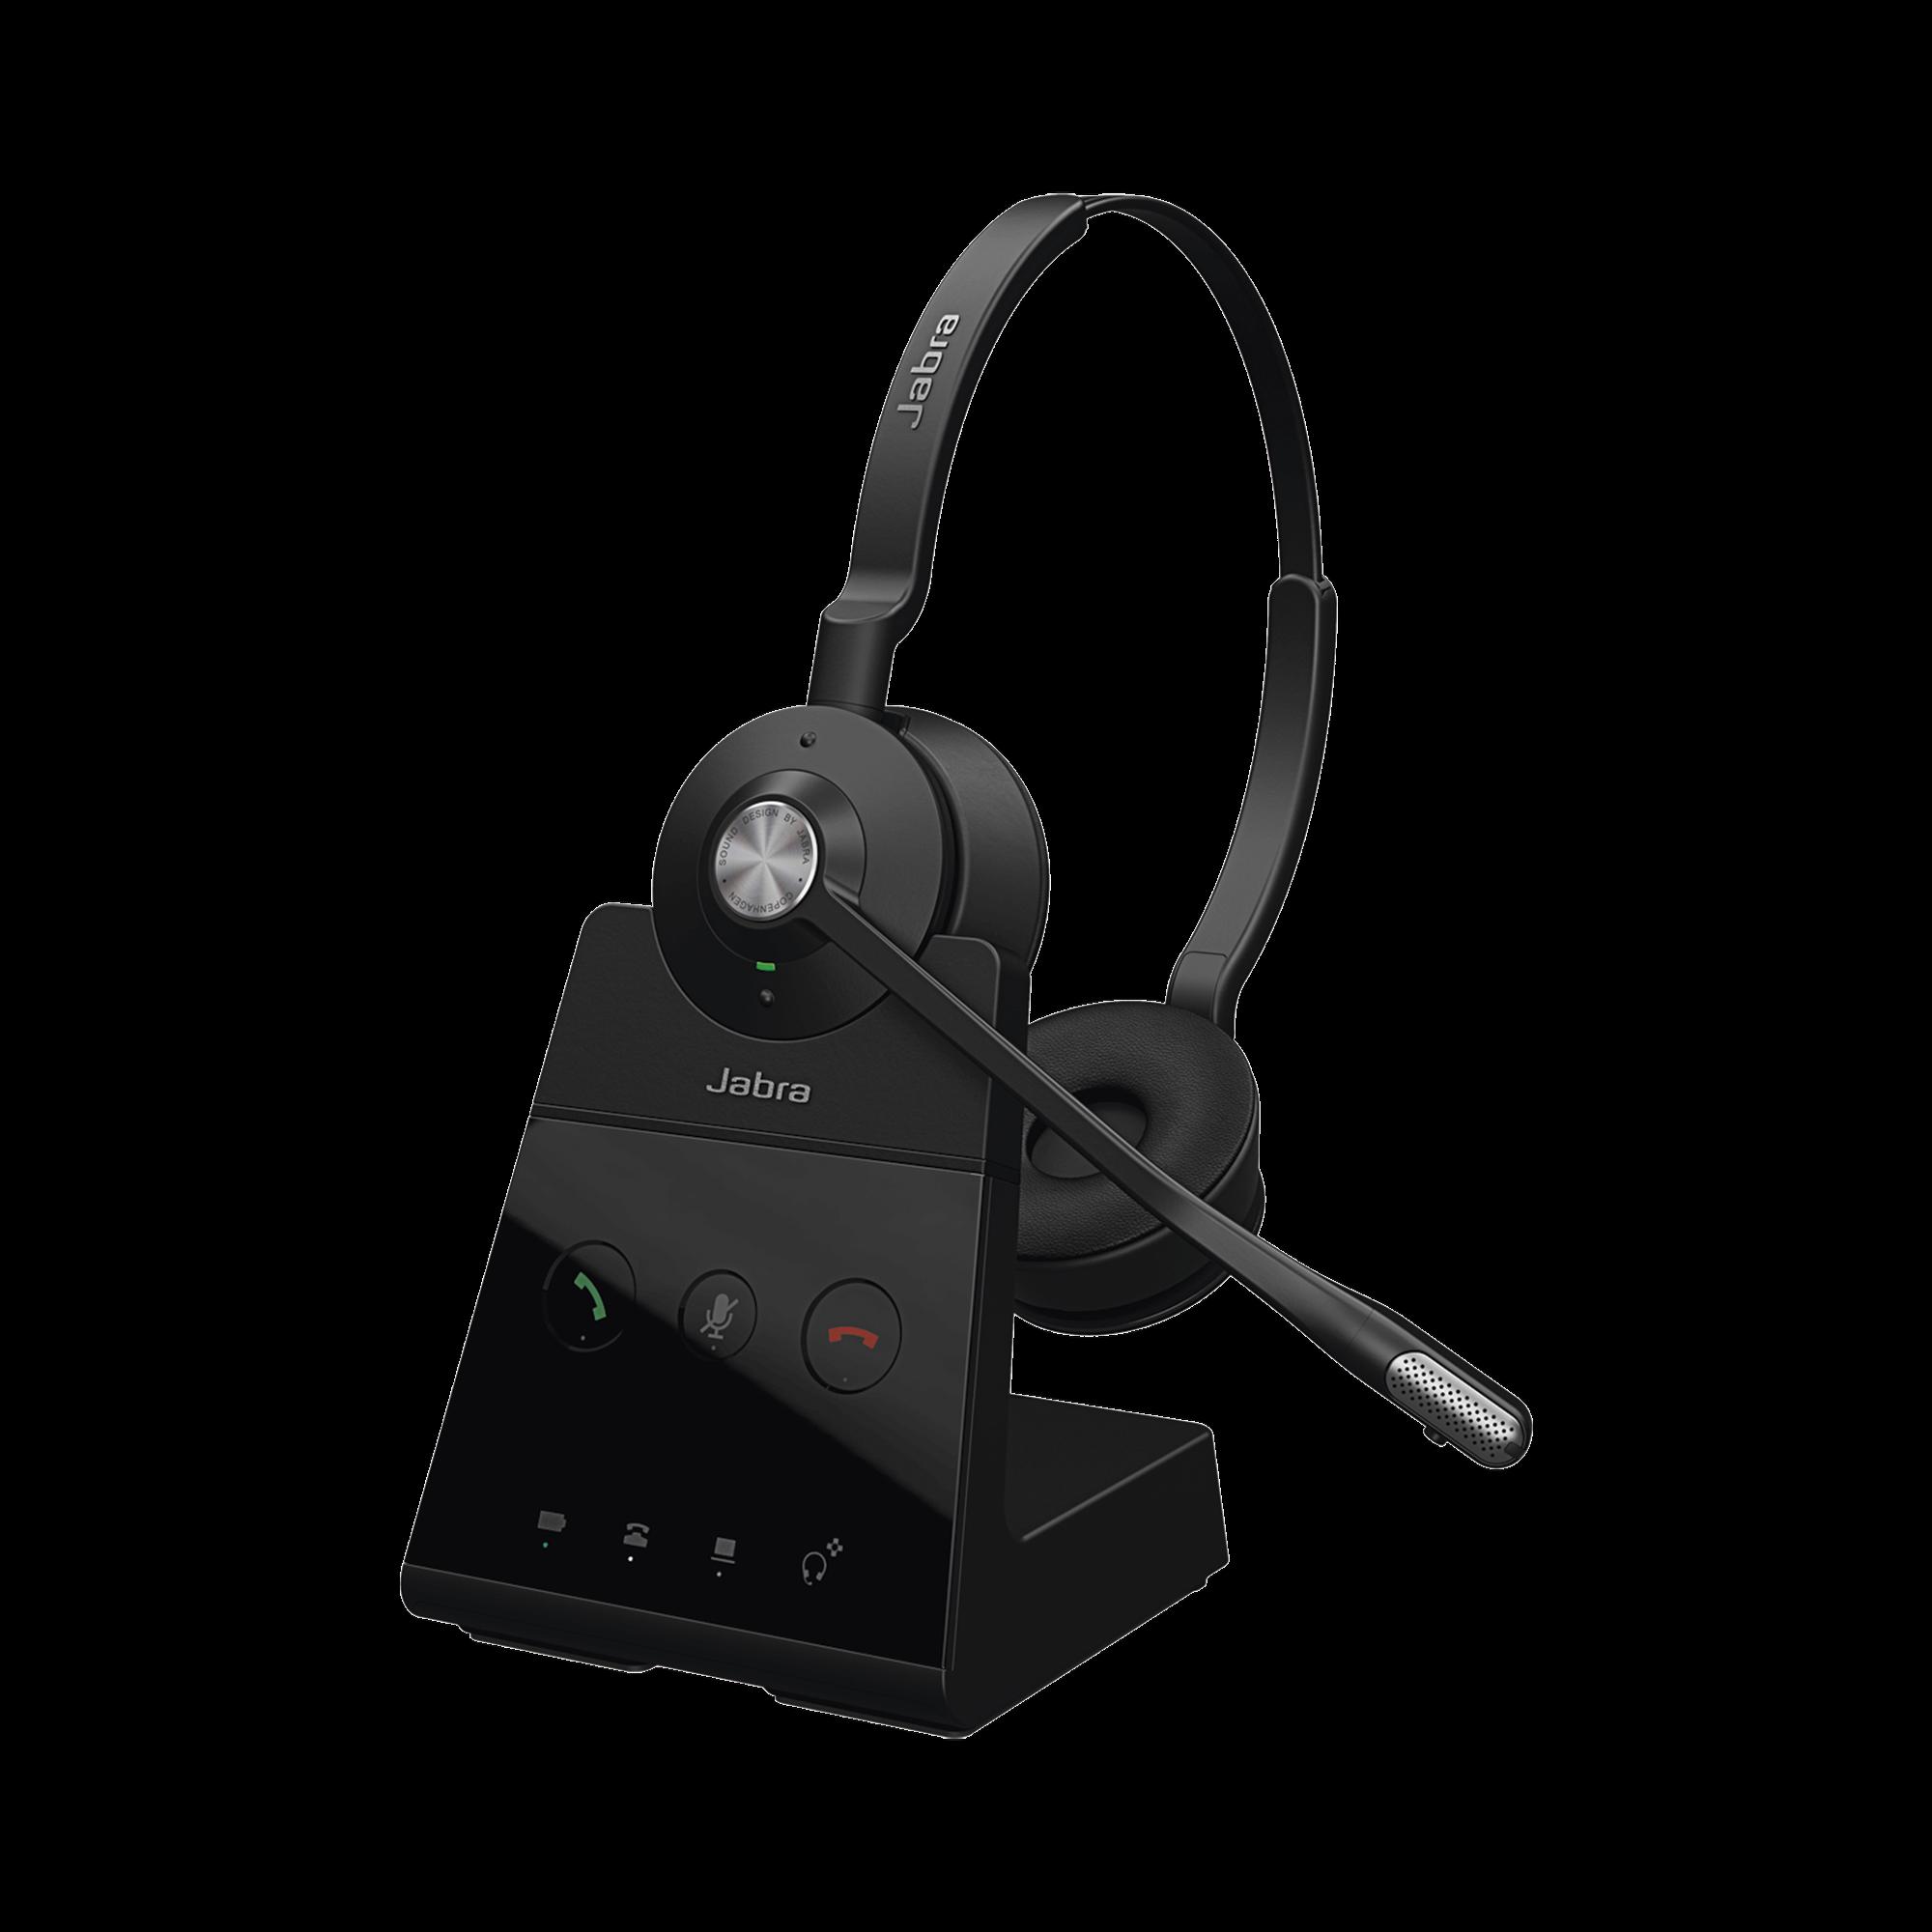 Engage 65 stereo con conexión DECT y USB, ideal para entornos con necesidad de seguridad o de mucha densidad (9559-553-125)